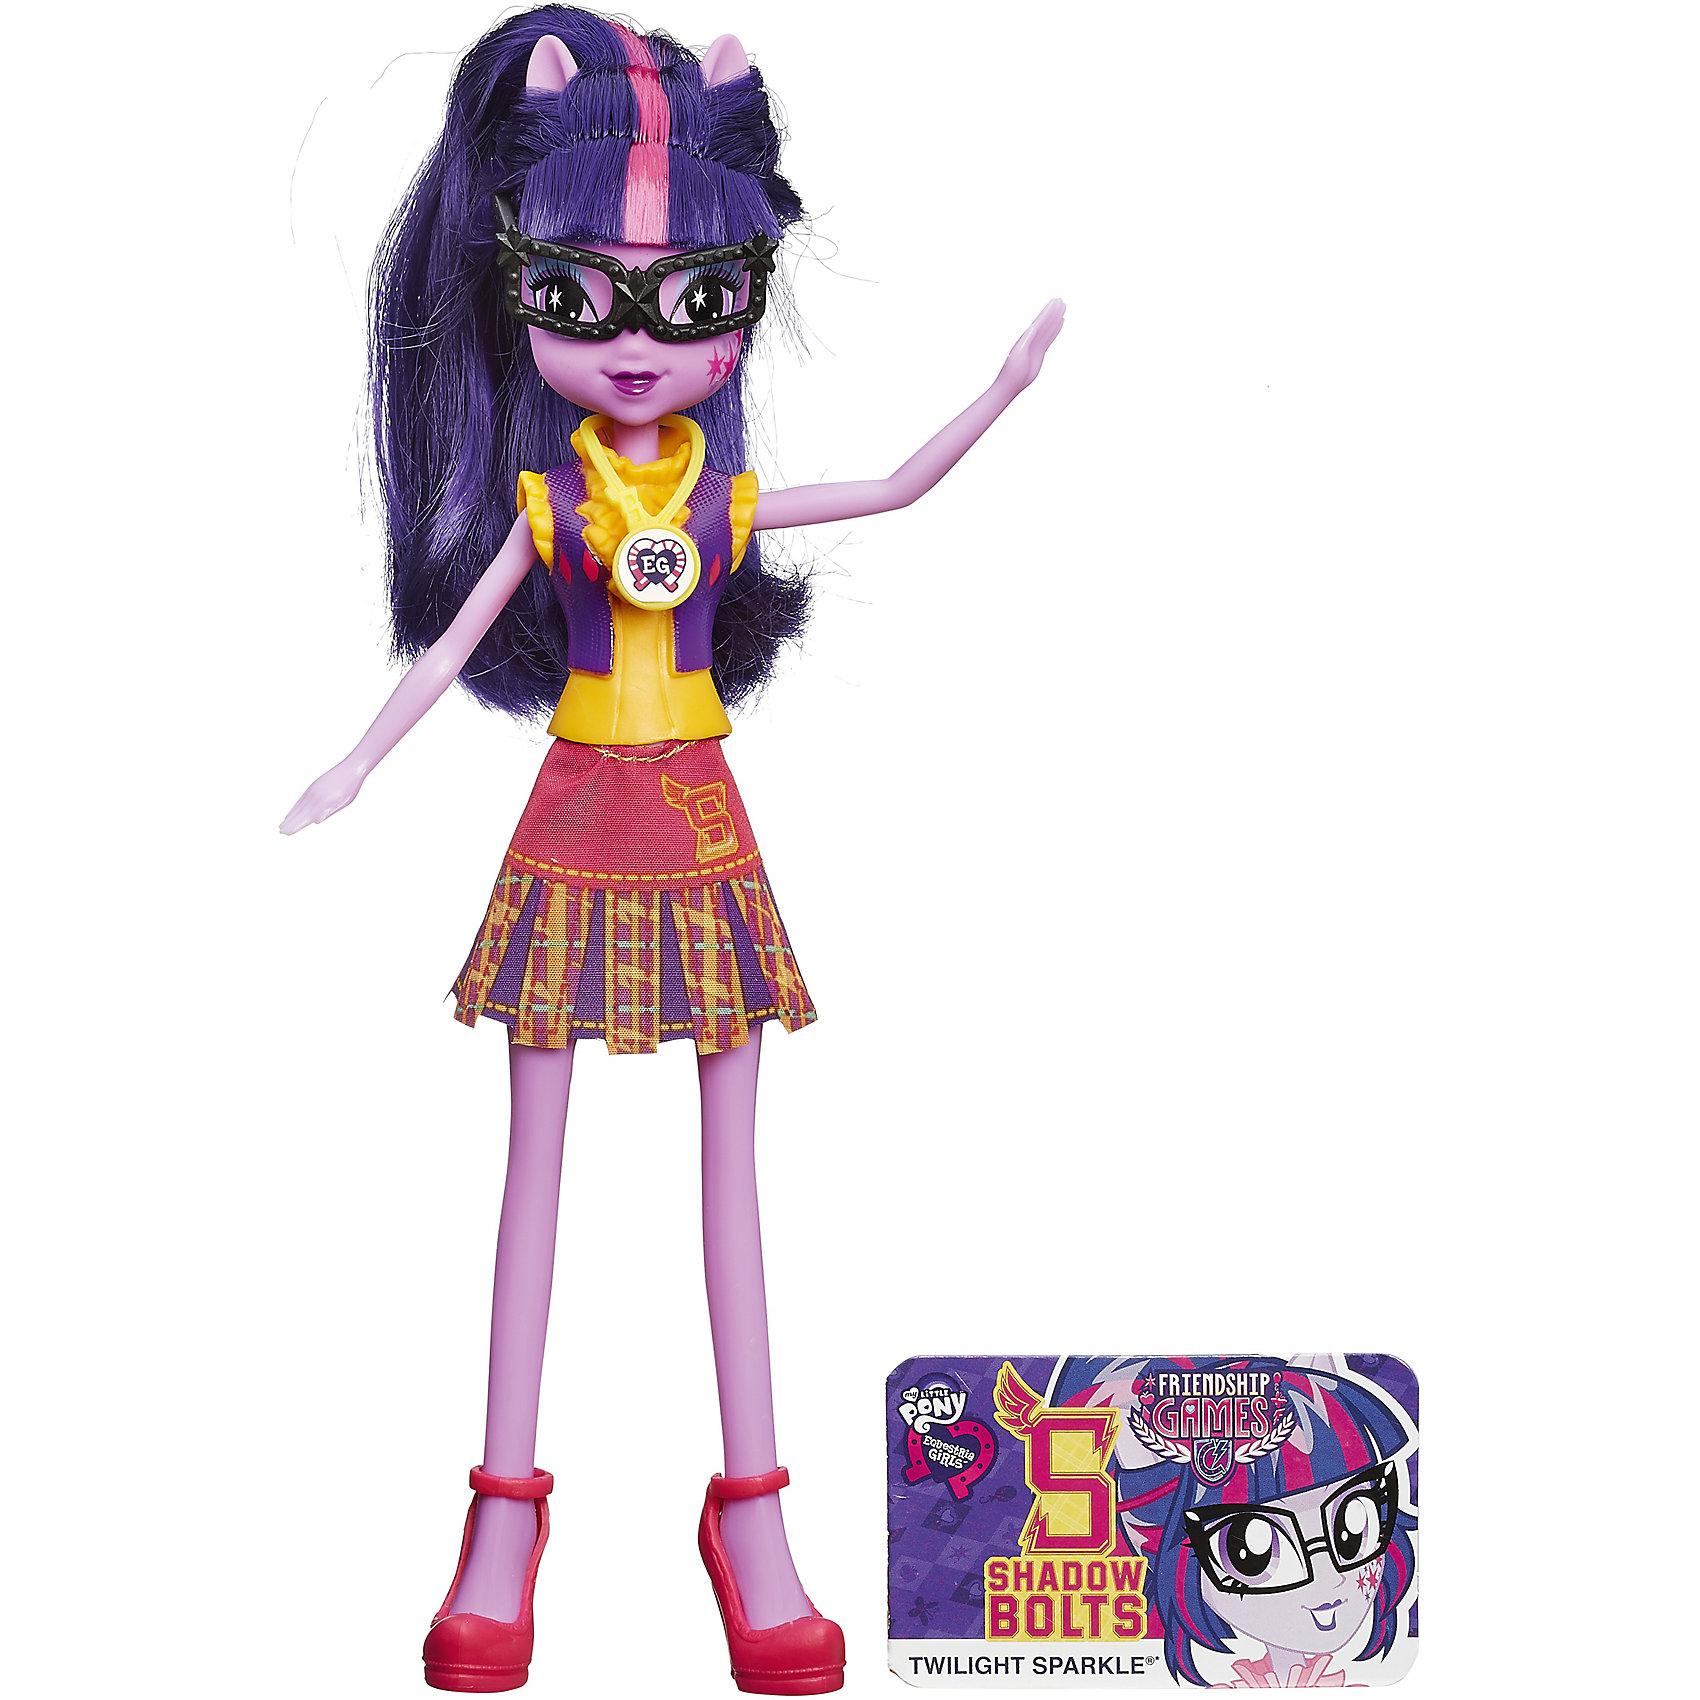 Кукла Вондерколт, Эквестрия Герлз, B1769/B2022Характеристики куклы Вондерколт, Эквестрия Герлз (Equestria Girls):<br><br>- возраст: от 5 лет<br>- герой: мои маленькие пони / my little pony<br>- пол: для девочек<br>- комплект: кукла, карточка.<br>- материал: пластик, текстиль.<br>- размер упаковки: 5 * 15 * 30 см.<br>- размер игрушки: 22 см.<br>- упаковка: картонная коробка блистерного типа.<br>- страна обладатель бренда: США.<br><br>Кукла Twilight Sparkle (Твайлайт Спаркл) Equestria Girls (Эквестрия Герлз) из коллекции Школьный дух - это скромная и очаровательная красавица, наряд которой демонстрирует нам школьную форму ученицы Кристальной Академии. Twilight Sparkle (Твайлайт Спаркл) в мире людей является прилежной школьницей, увлеченной науками. Она носит очки, а волосы собирает в высокий хвост.<br>Наряд куклы Twilight Sparkle (Твайлайт Спаркл) School Spirit представляет собой сочетание пластикового верха и текстильного низа. Обе части наряда можно снимать, как и обувь. На желтую рубашку словно надета фиолетовая жилетка. А юбка имеет классический для школьной формы фасон в складку. Туфли куколки тоже классические, с ремешками и на небольшом каблучке.<br>Волосы Twilight Sparkle (Твайлайт Спаркл) можно расчесывать, а руки и ноги двигать (в локтях и коленях они не сгибаются). Набор укомплектован карточкой персонажа, а также необычным кулоном со специальной эмблемой. Просто просканируйте ее приложением Девушки Эквестрии на Вашем мобильном устройстве, чтобы открыть в виртуальном мире игры новые возможности.<br><br>Куклу Equestria Girls (Эквестрия Герлз) Twilight Sparkle (Твайлайт Спаркл) торговой марки Hasbro (Хасбо) можно купить в нашем интернет-магазине.<br><br>Ширина мм: 150<br>Глубина мм: 300<br>Высота мм: 50<br>Вес г: 500<br>Возраст от месяцев: 60<br>Возраст до месяцев: 144<br>Пол: Женский<br>Возраст: Детский<br>SKU: 5064158